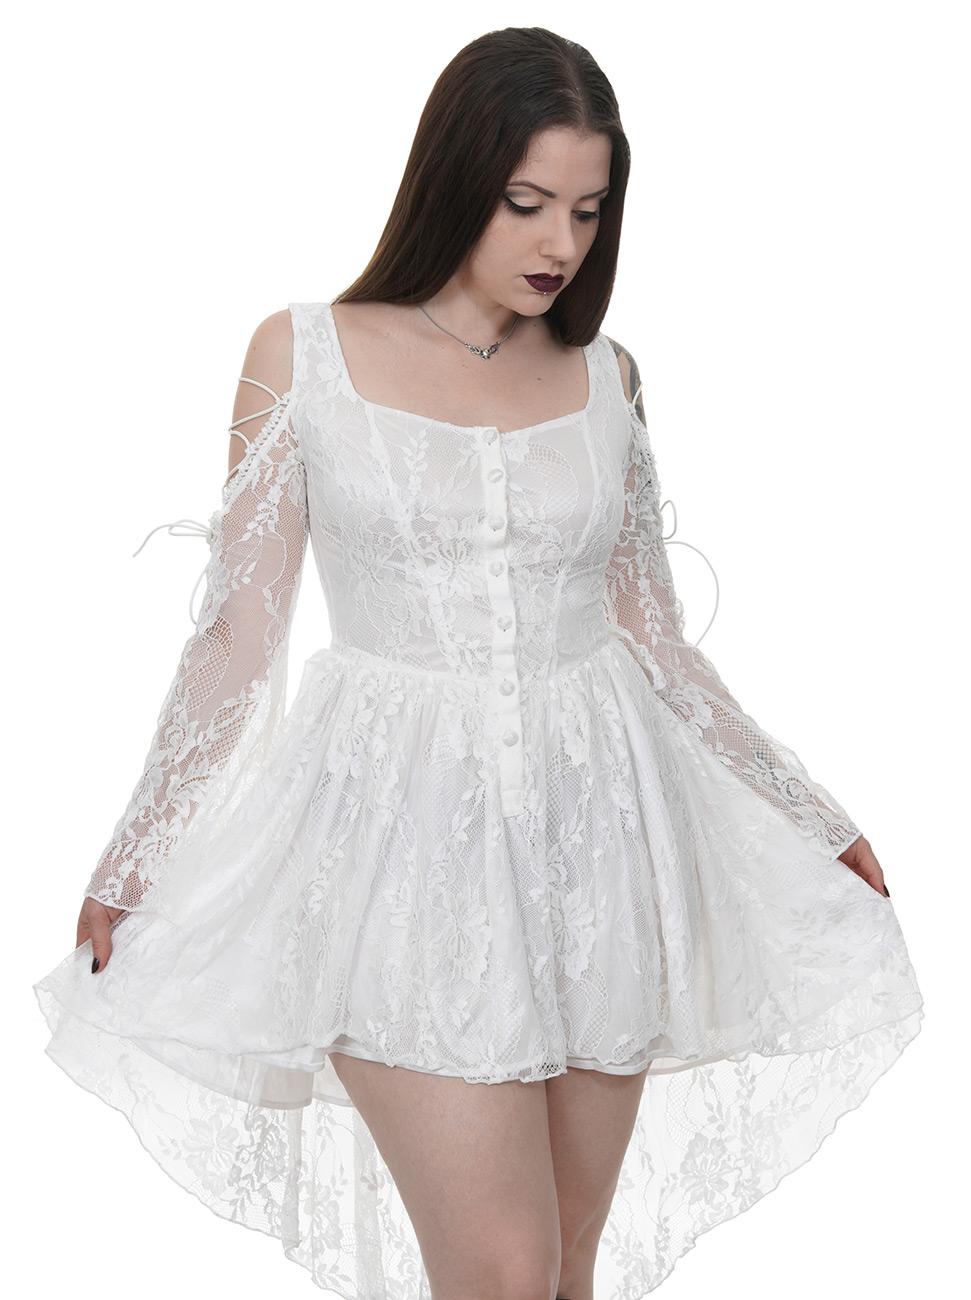 bd0b241dbfd0 Robe blanche épaules nues et manches en dentelle élégante gothique  romantique